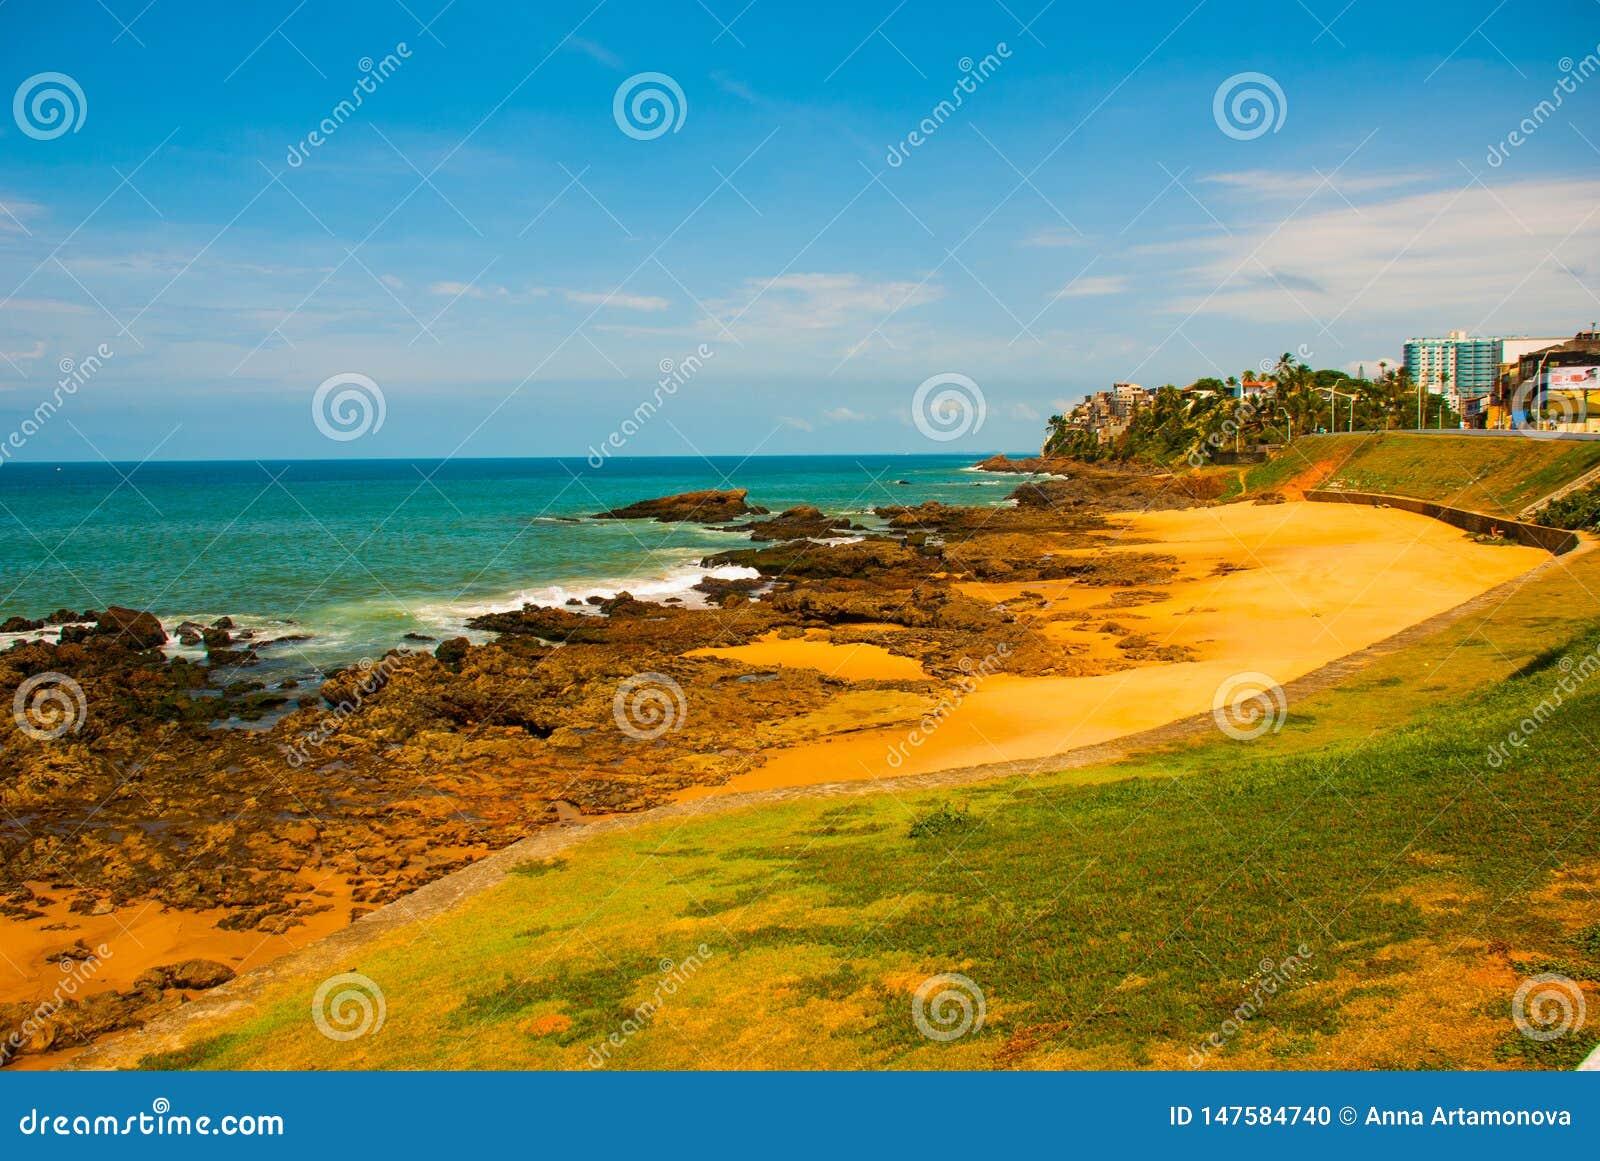 Brasiliansk strand med gul sand och bl?tt hav i soligt v?der _ Salvador h?rligt dimensionellt diagram illustration s?dra tre f?r